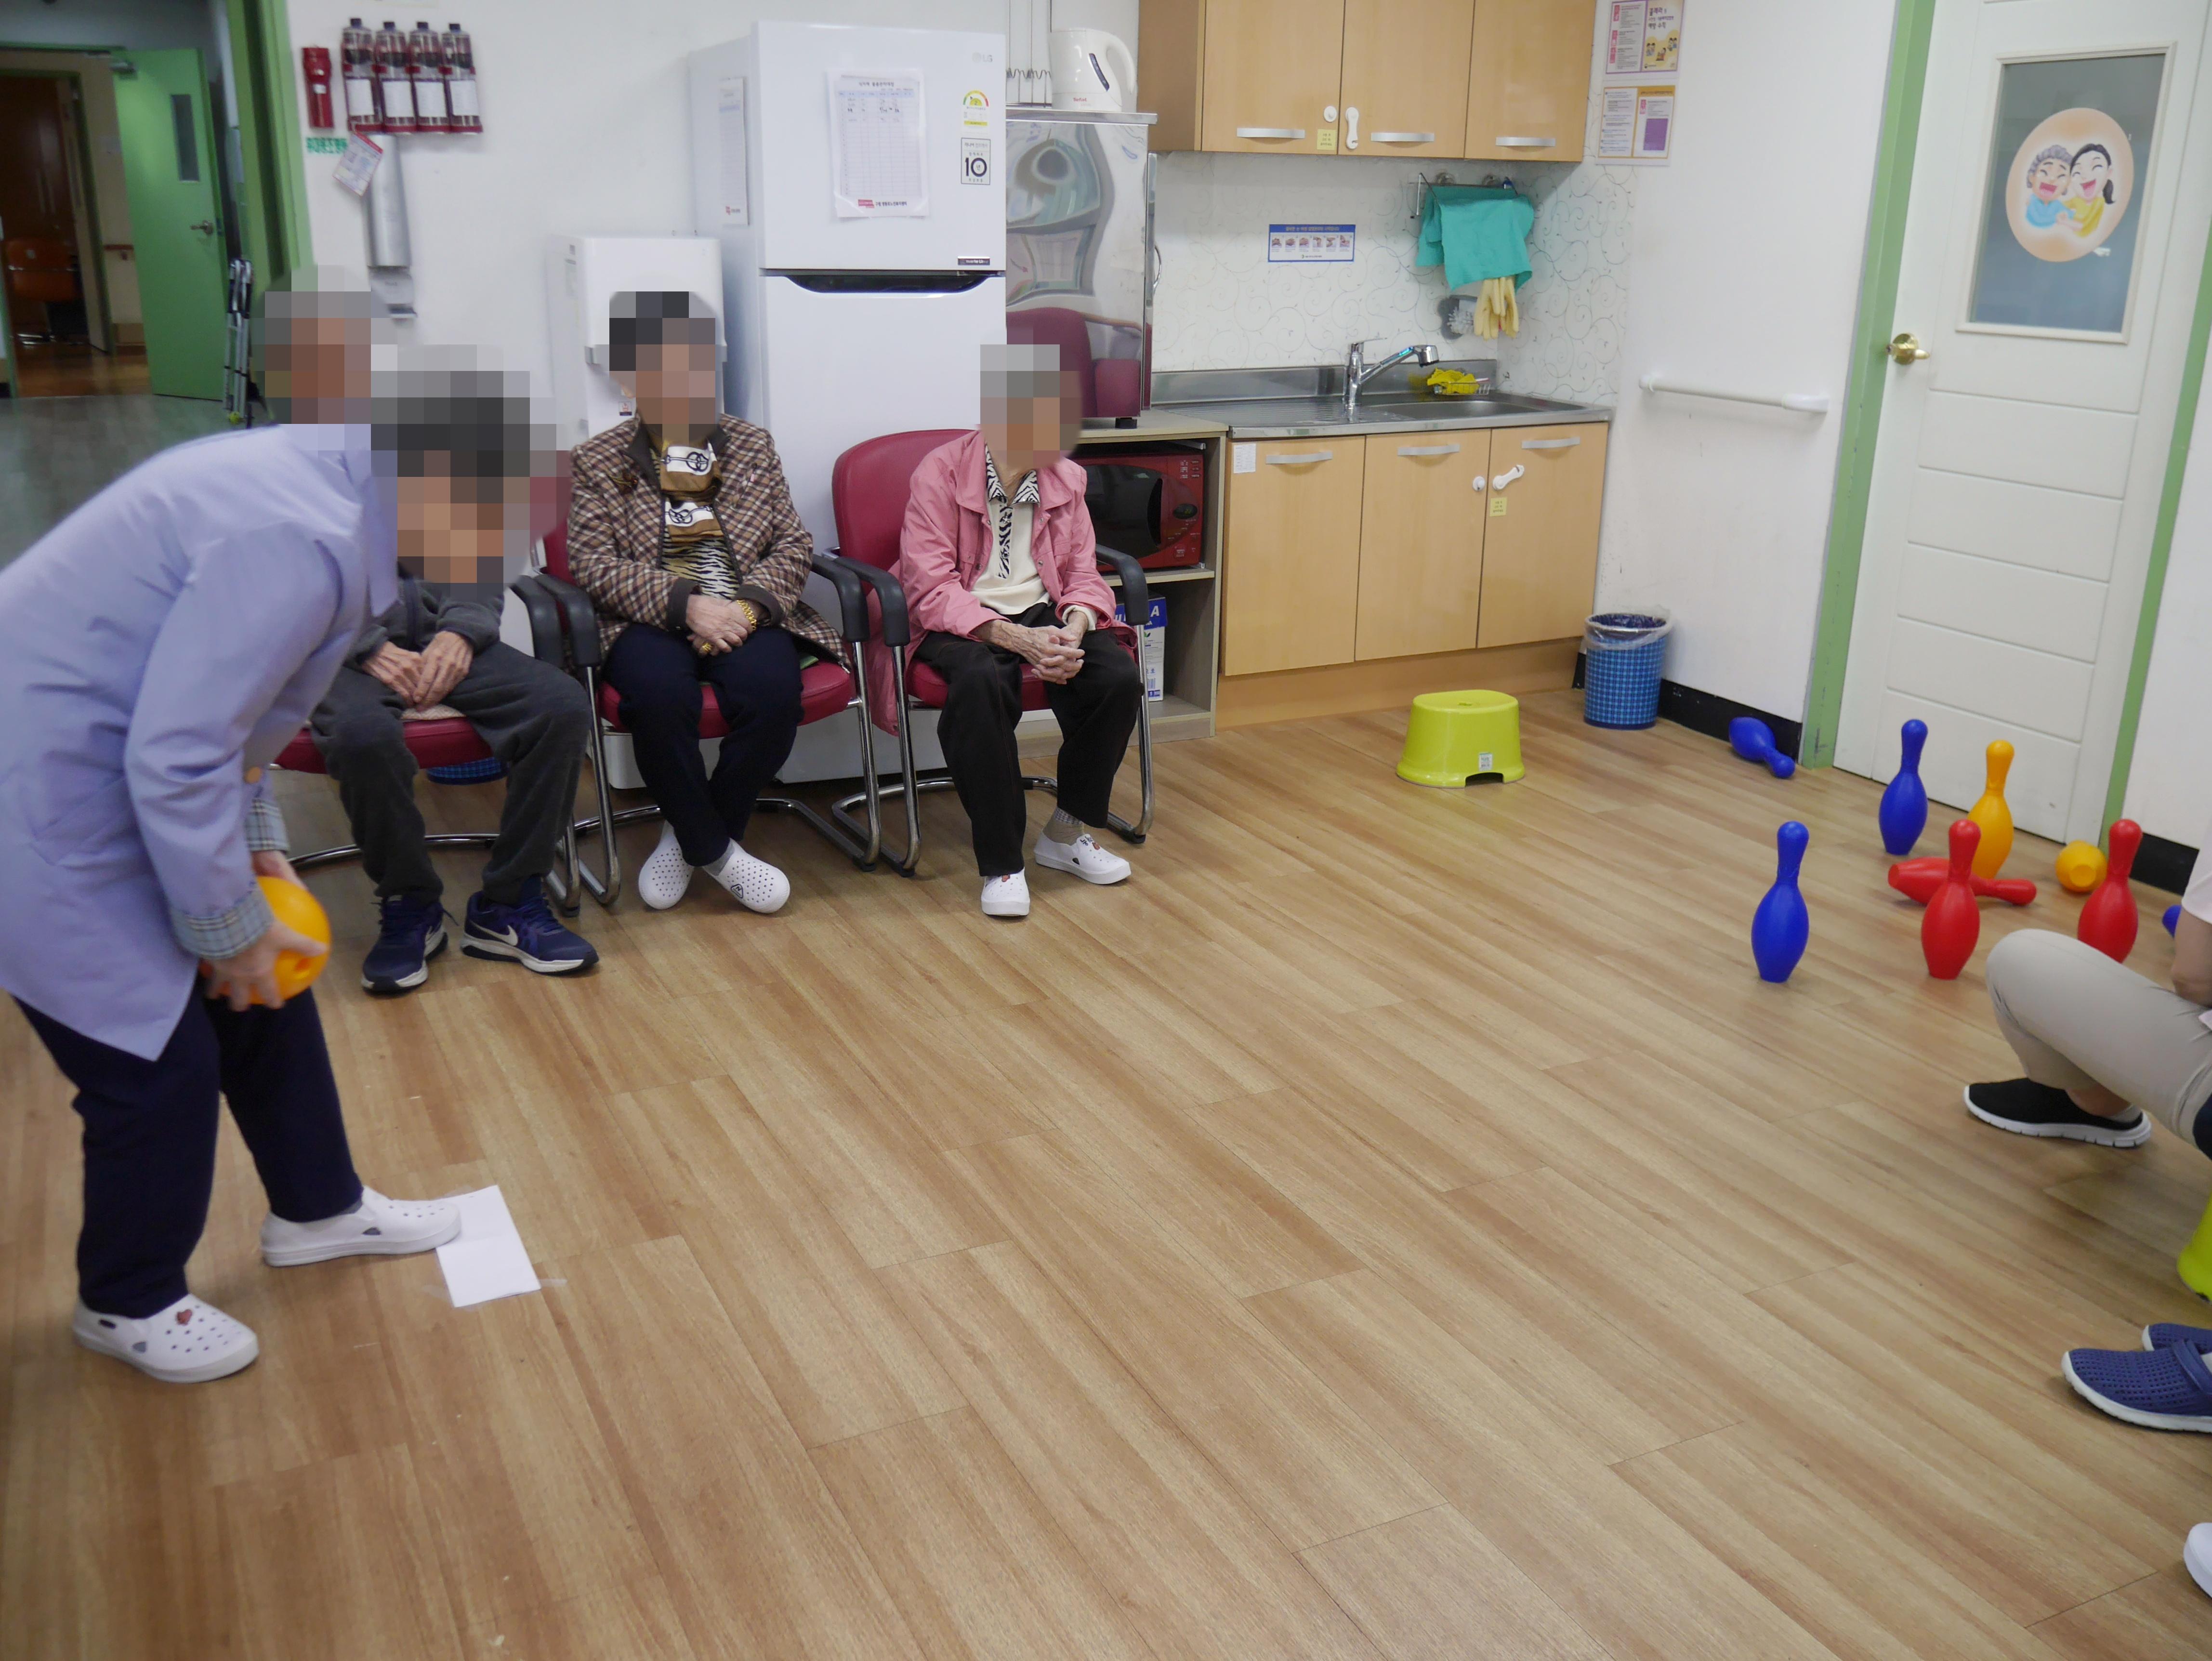 주야간보호센터 10월 감성치료-오후 프로그램 사진입니다.